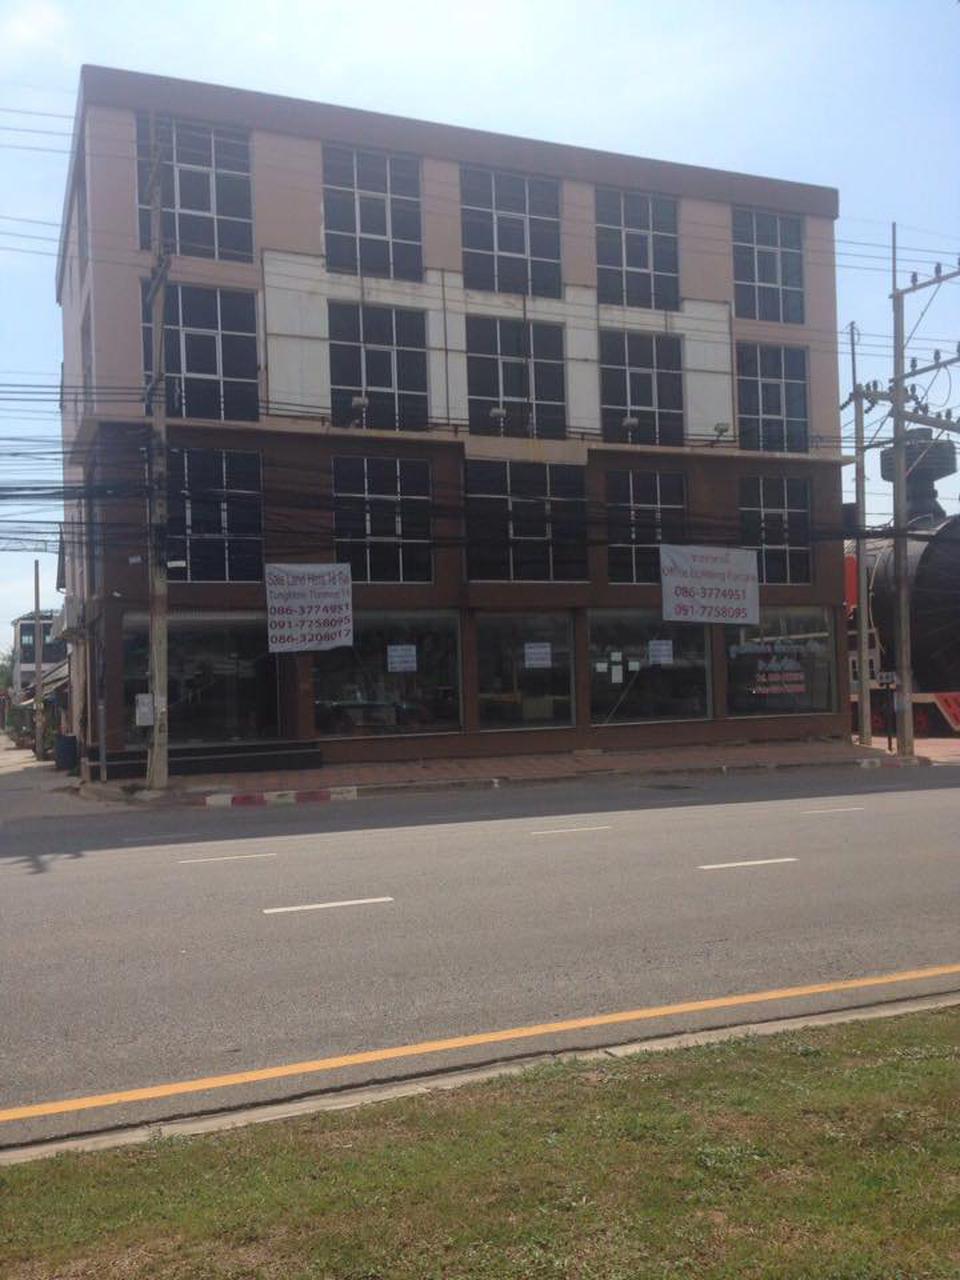 ขายอาคารติดถนนสุขุมวิท 56 พัทยาใต้ ระหว่างแมคโคร และ โลตัส รูปที่ 1